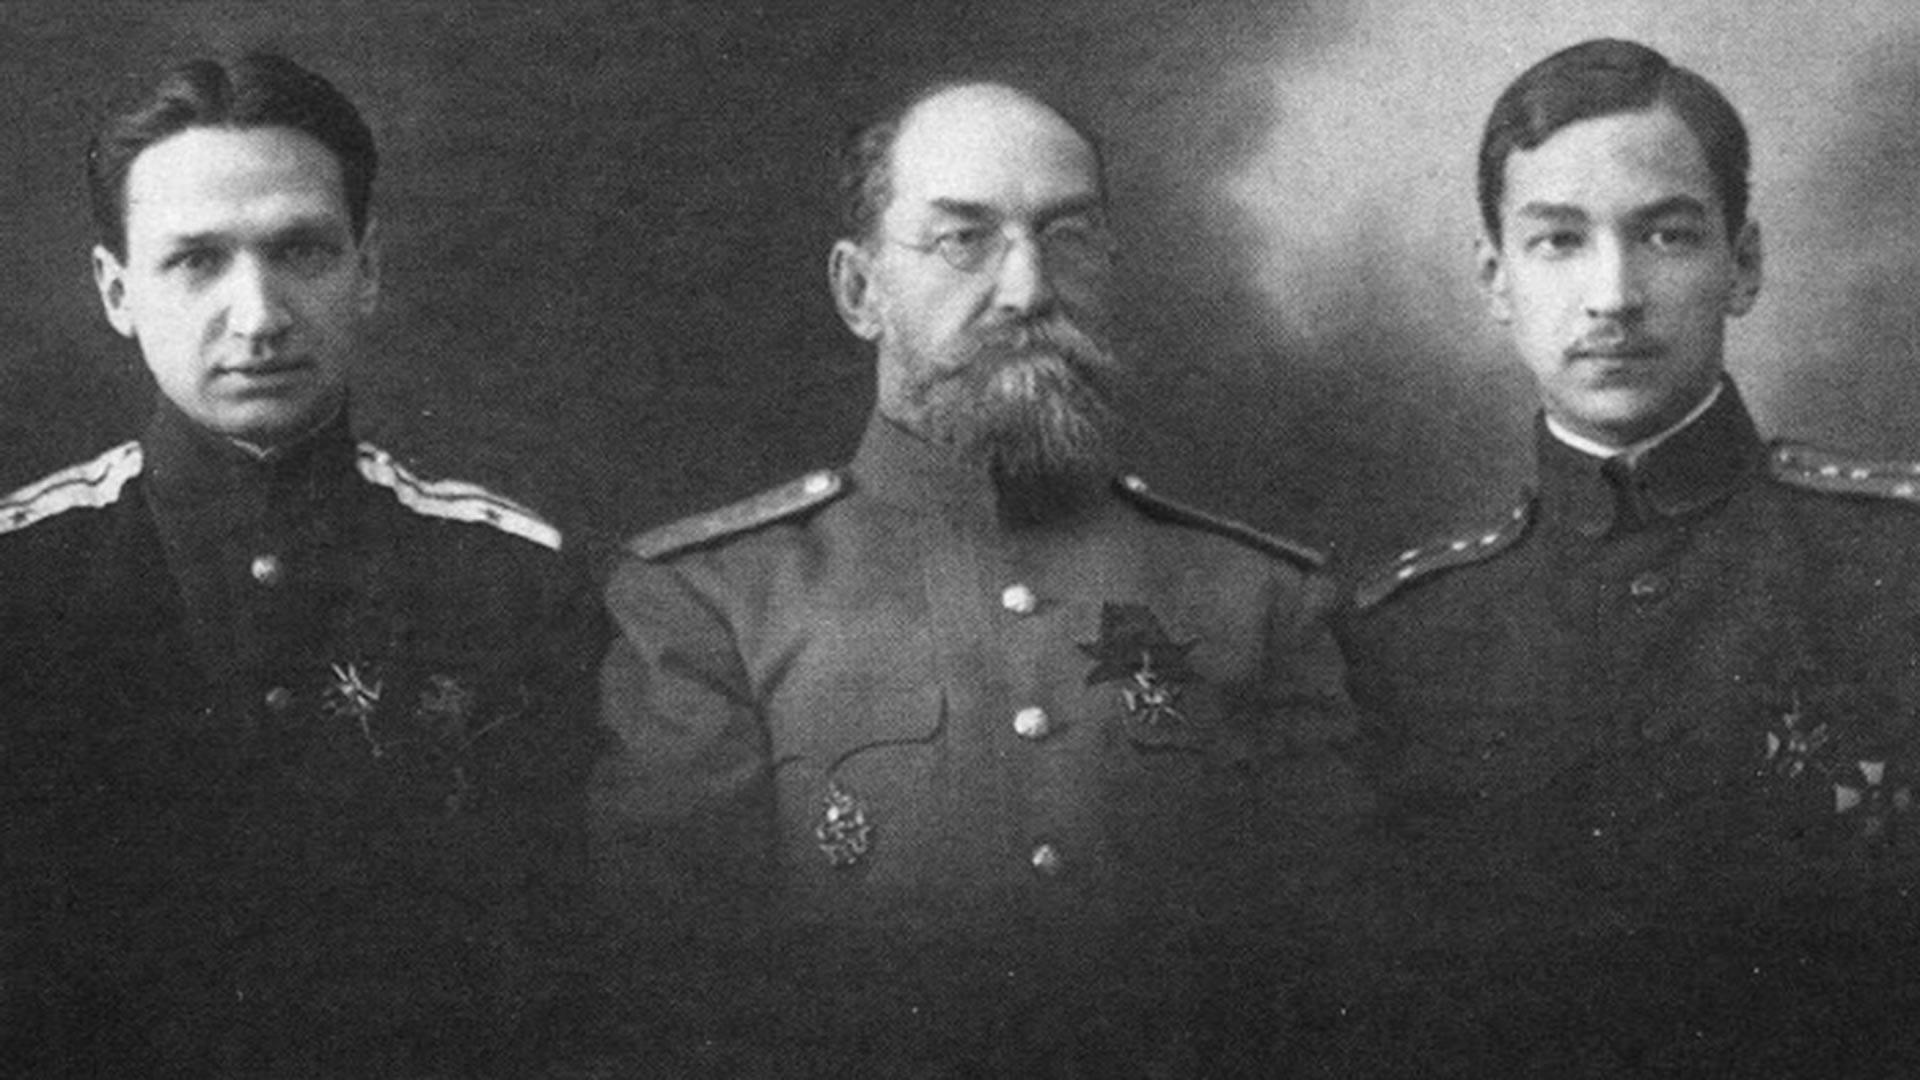 Щаб-капитан Александър Пунин, генерал-майор Николай Михайлович Пунин и щаб-капитан Лев Пунин